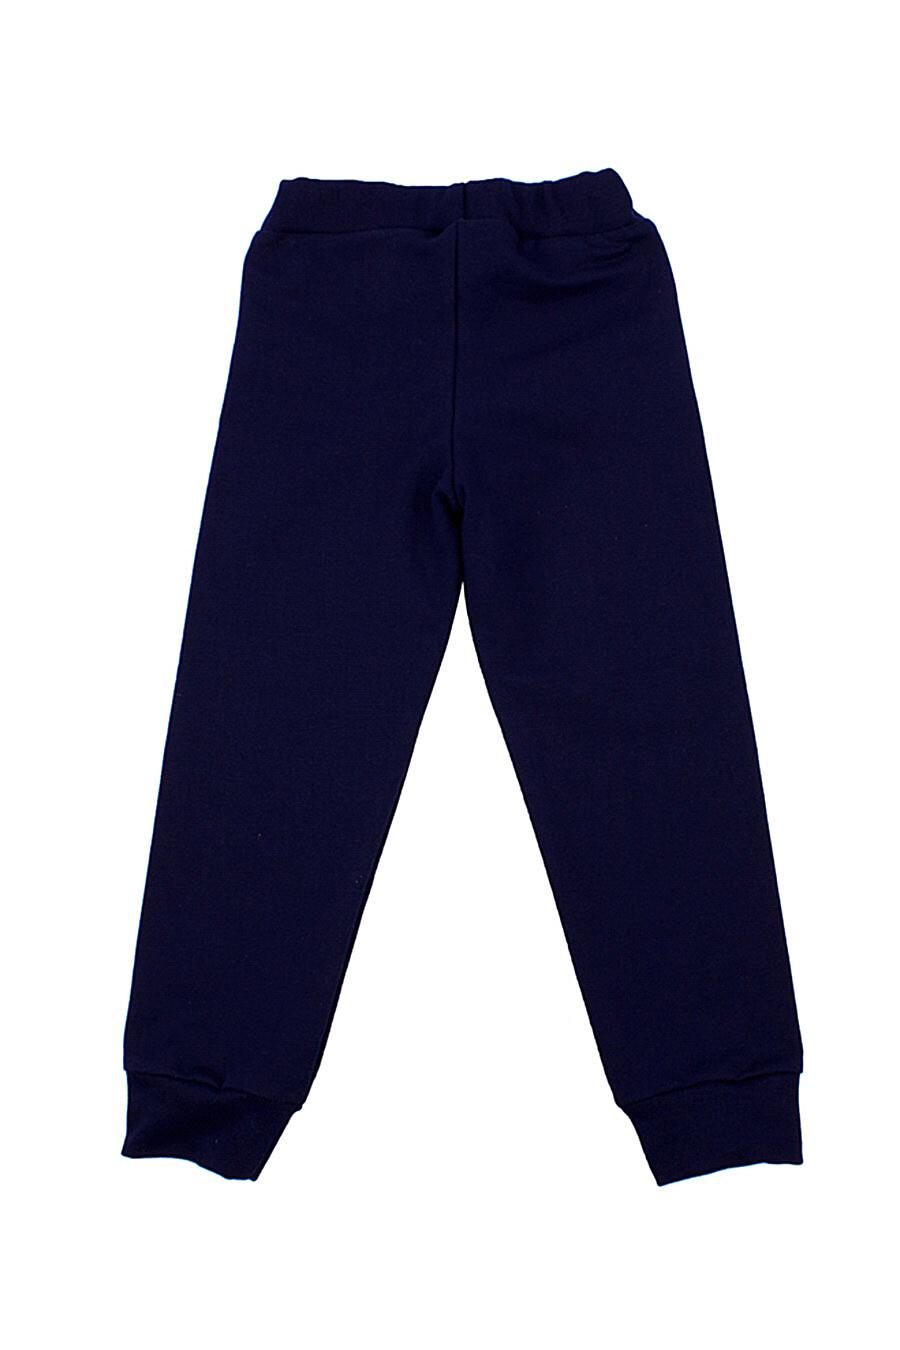 Брюки для девочек Archi 131276 купить оптом от производителя. Совместная покупка детской одежды в OptMoyo